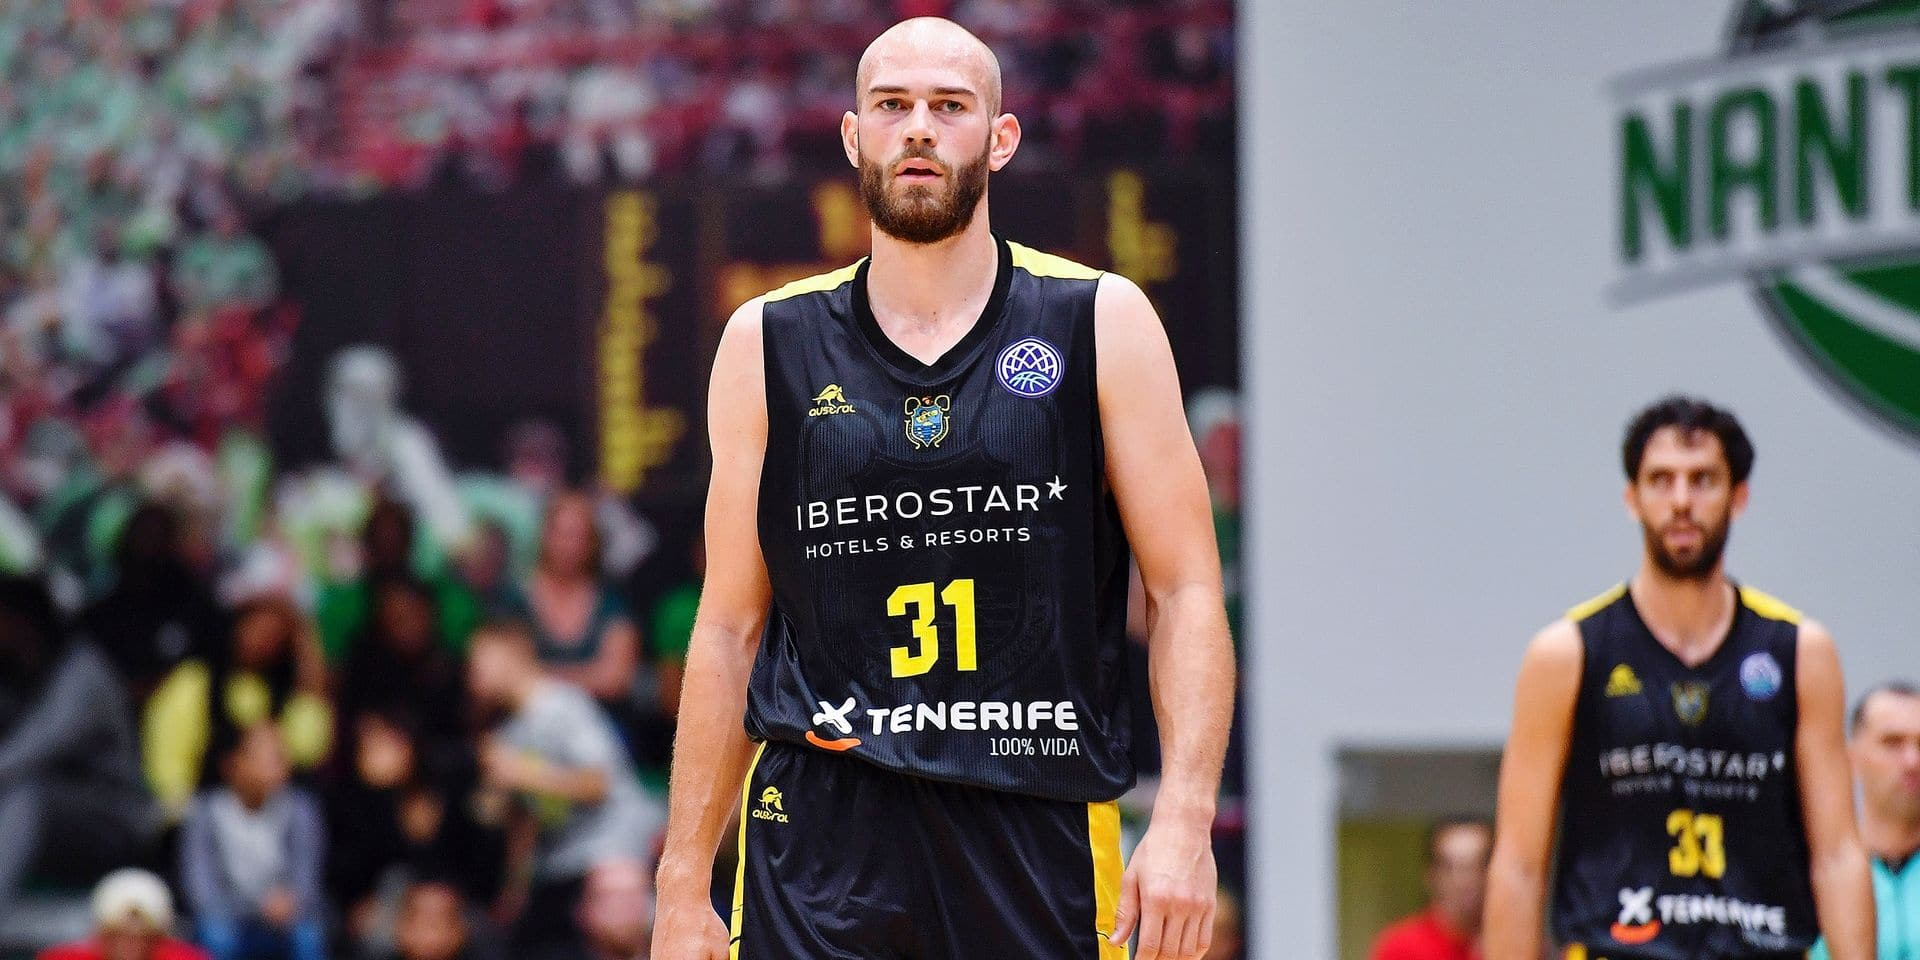 Pierre-Antoine Gillet quitte Tenerife mais reste en Espagne